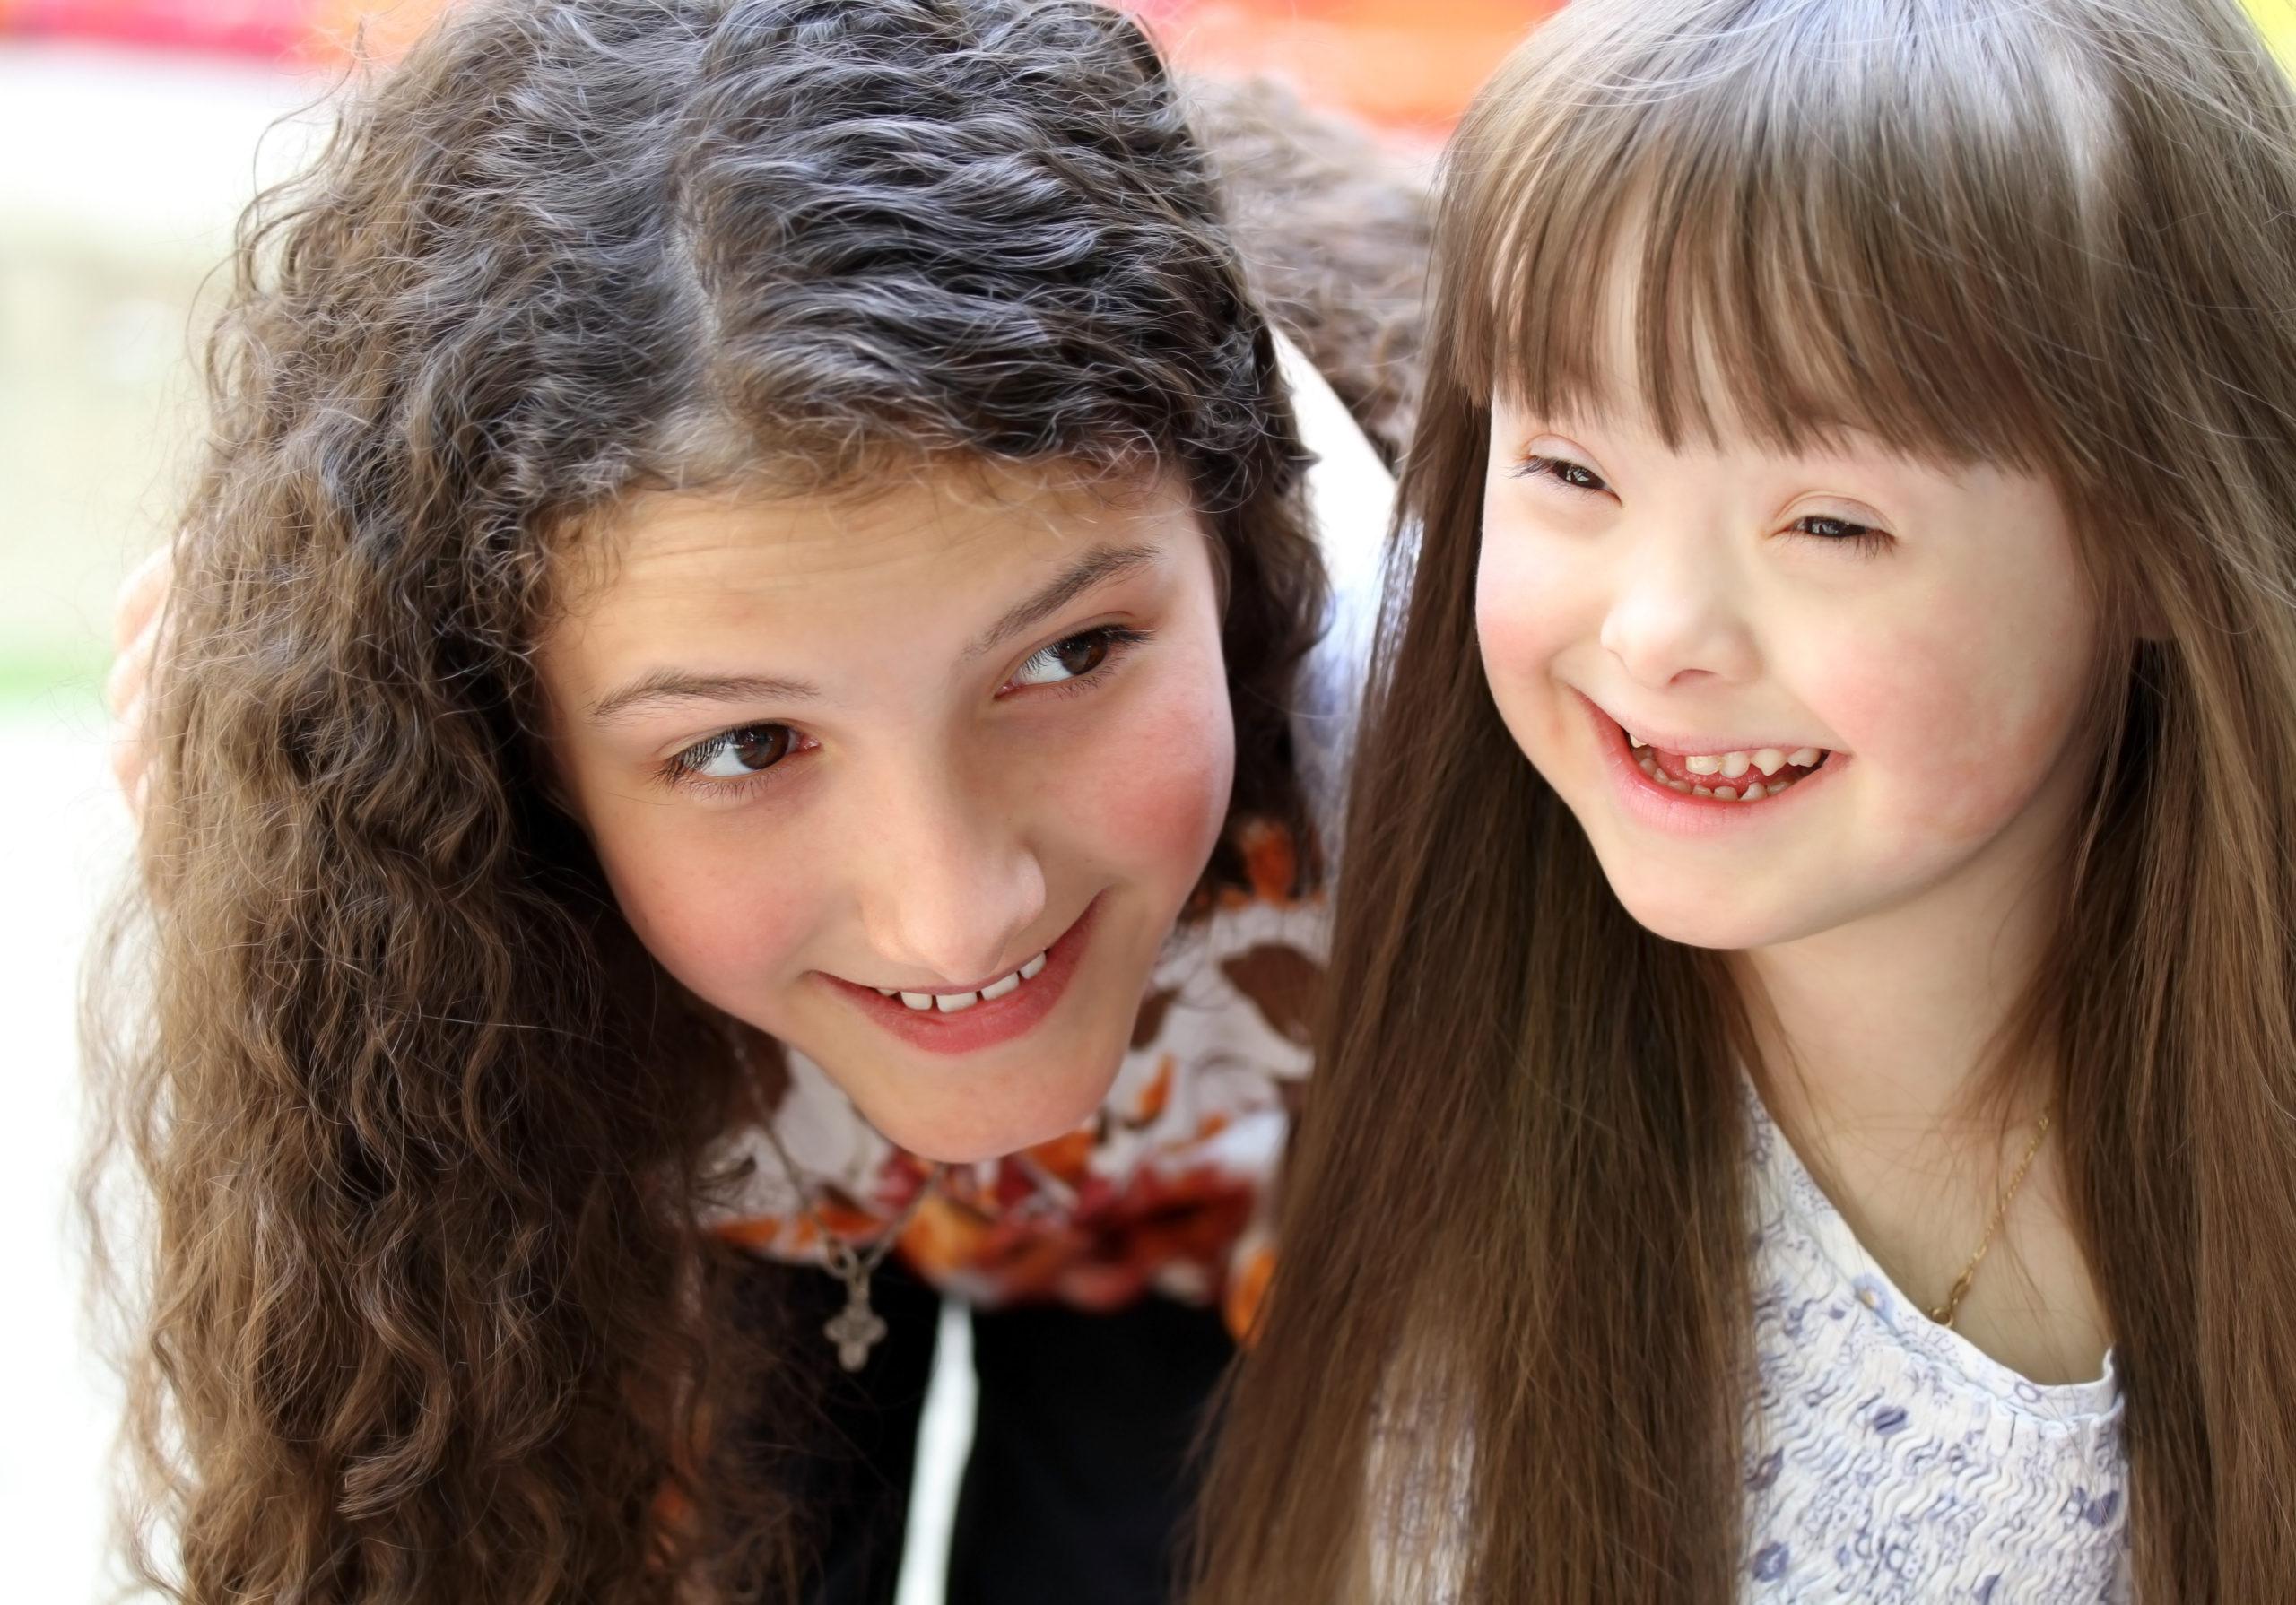 El lenguaje de señas en niños con necesidades especiales